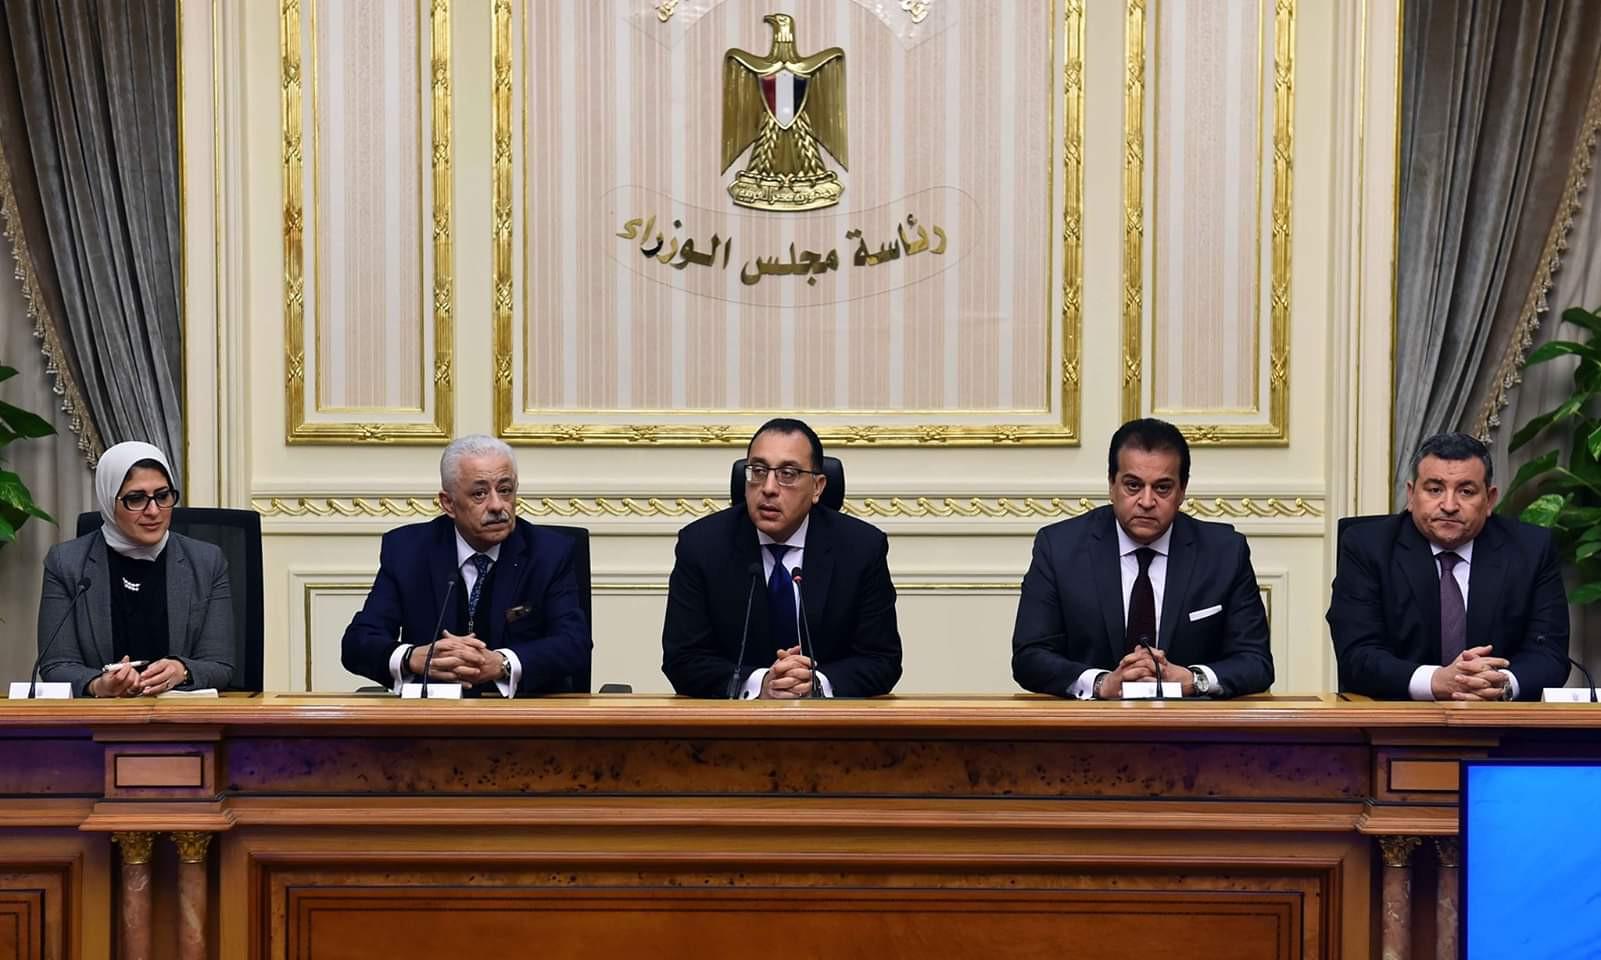 بيان رسمي.. مجلس الوزراء يعلن رسمياً موعد امتحانات الترم الأول لجميع الصفوف الدراسية 3